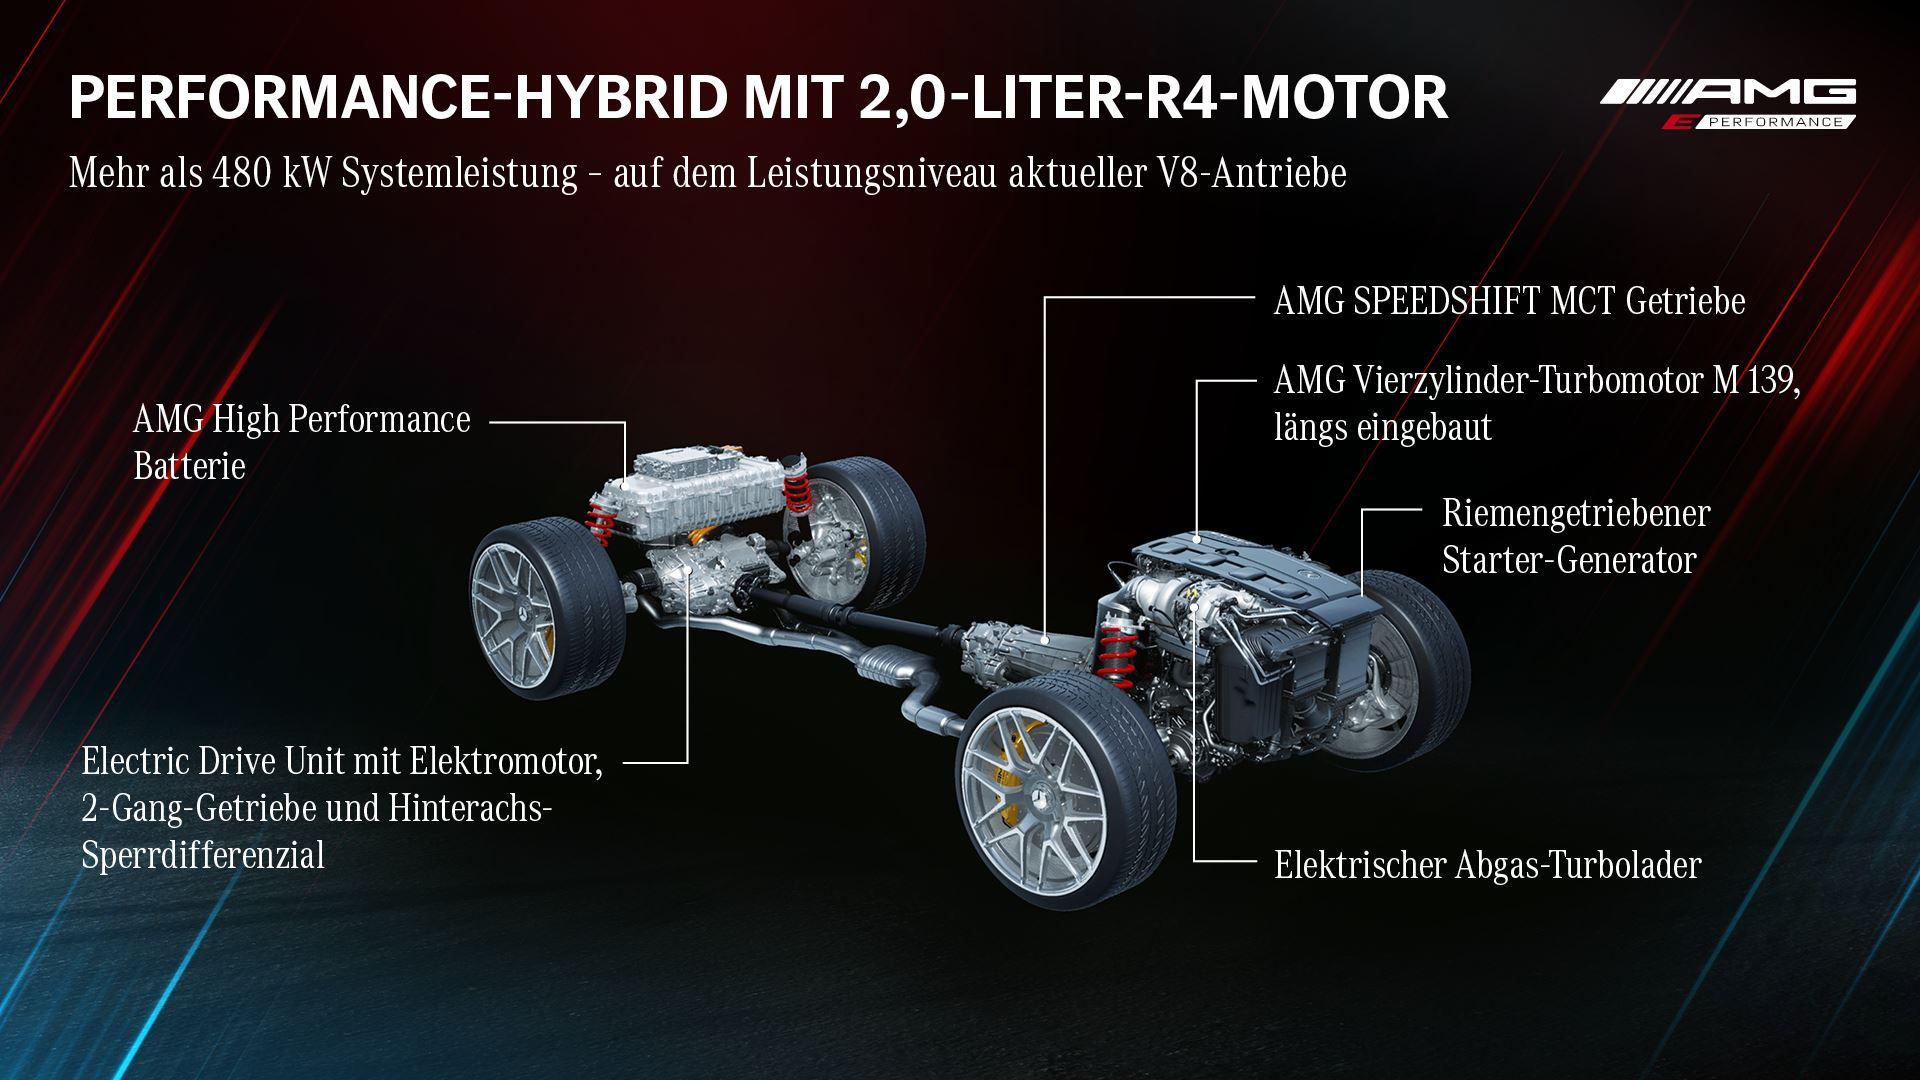 Neuer C 63e 4MATIC+ erhält M 139 mit mehr als 330 kW + E-Motor